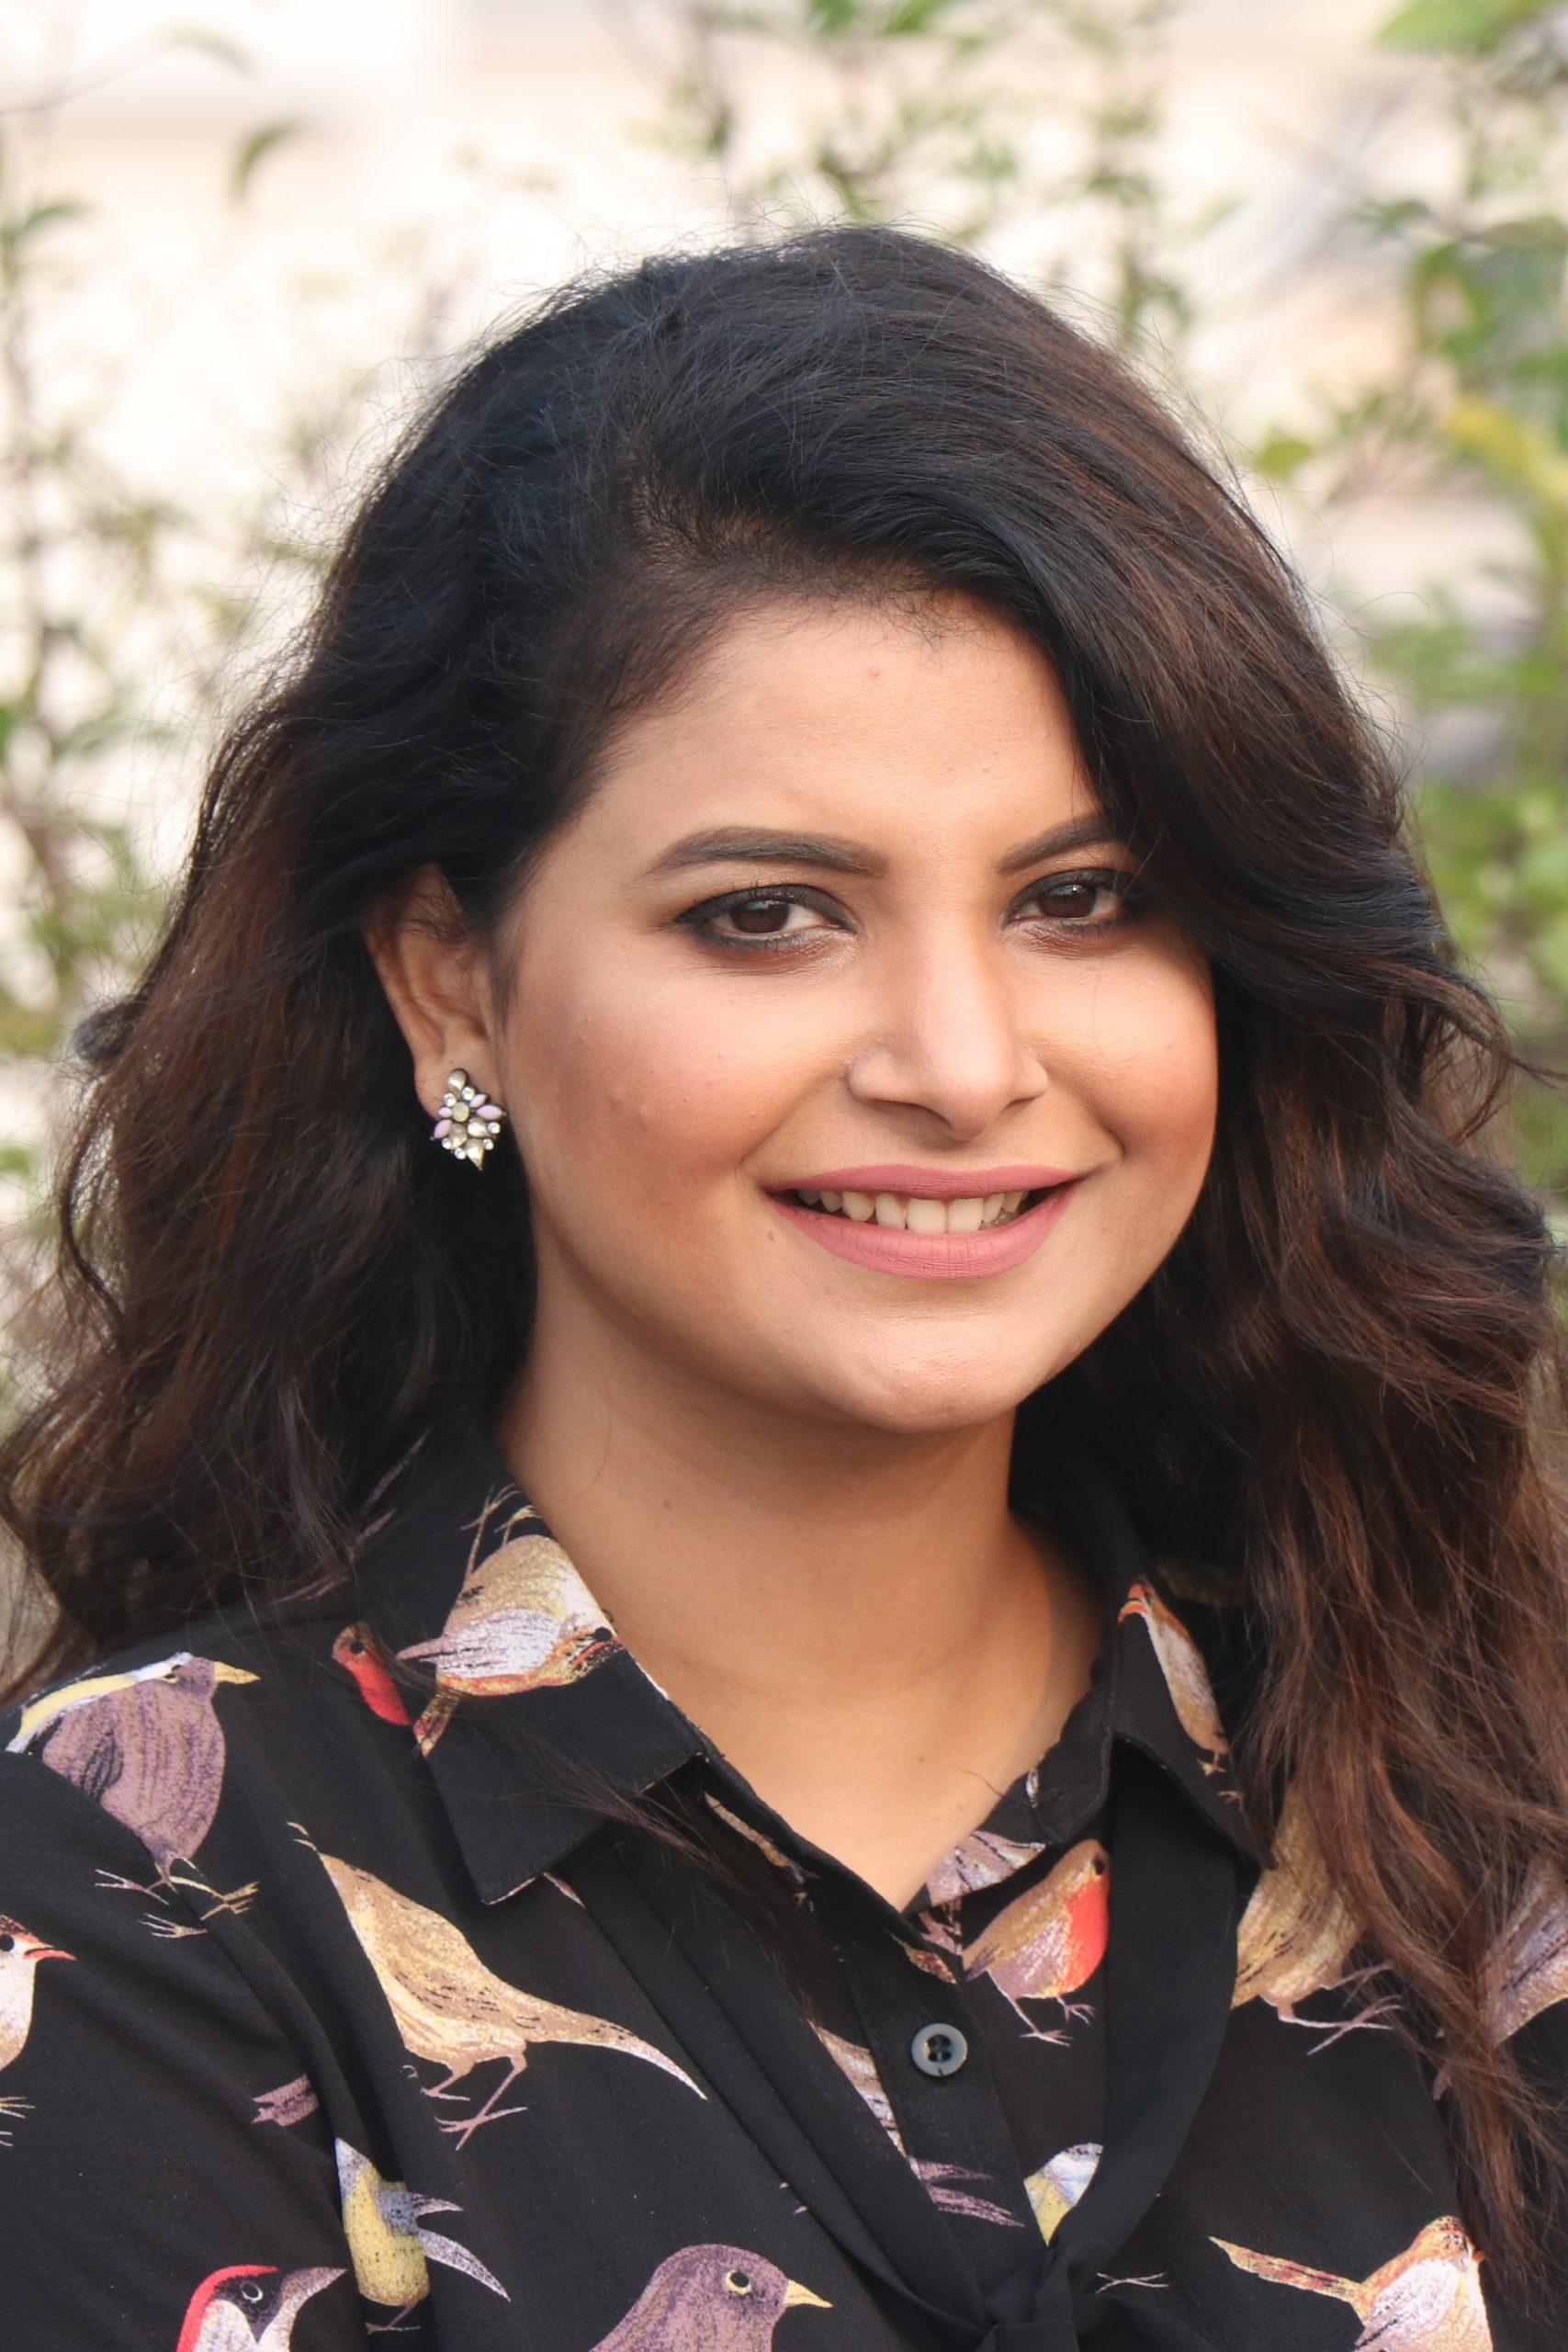 'বিল গেটস আর আমি একদিক দিয়ে সেইম লেভেলে' : শবনম ফারিয়া